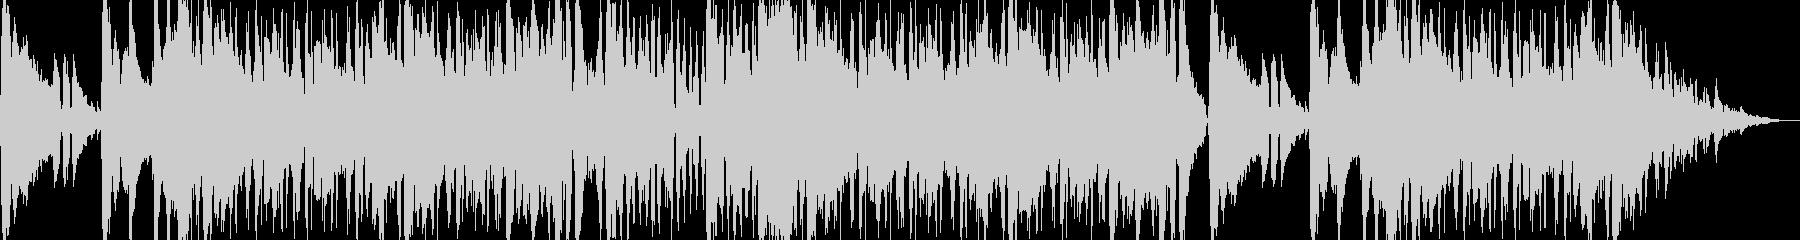 爽やかで疾走感のあるエレクトロBGMの未再生の波形